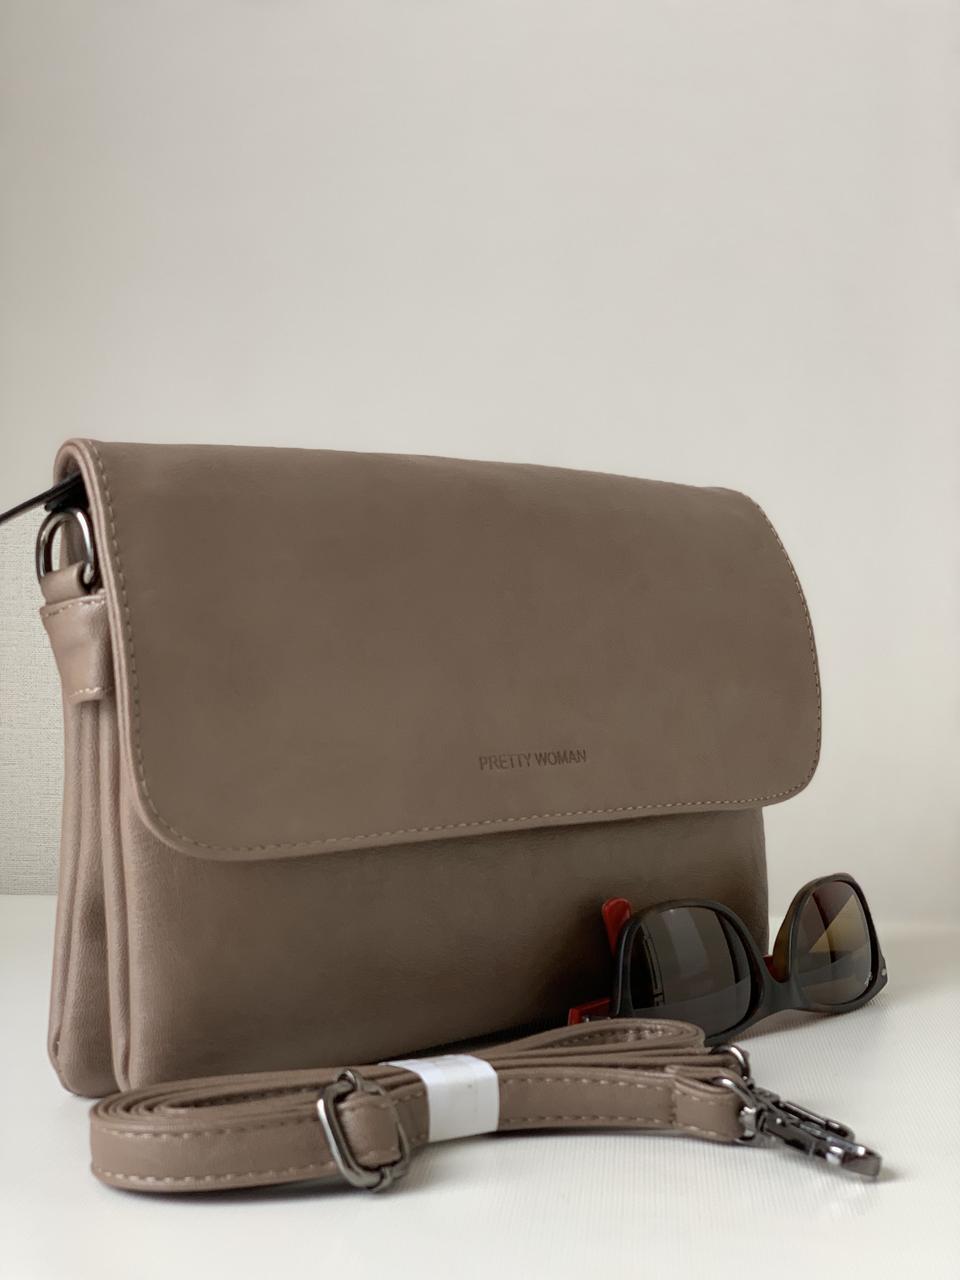 Жіноча сумочка клатч повсякденна Pretty Woman з плечовим ременем колір кава з молоком